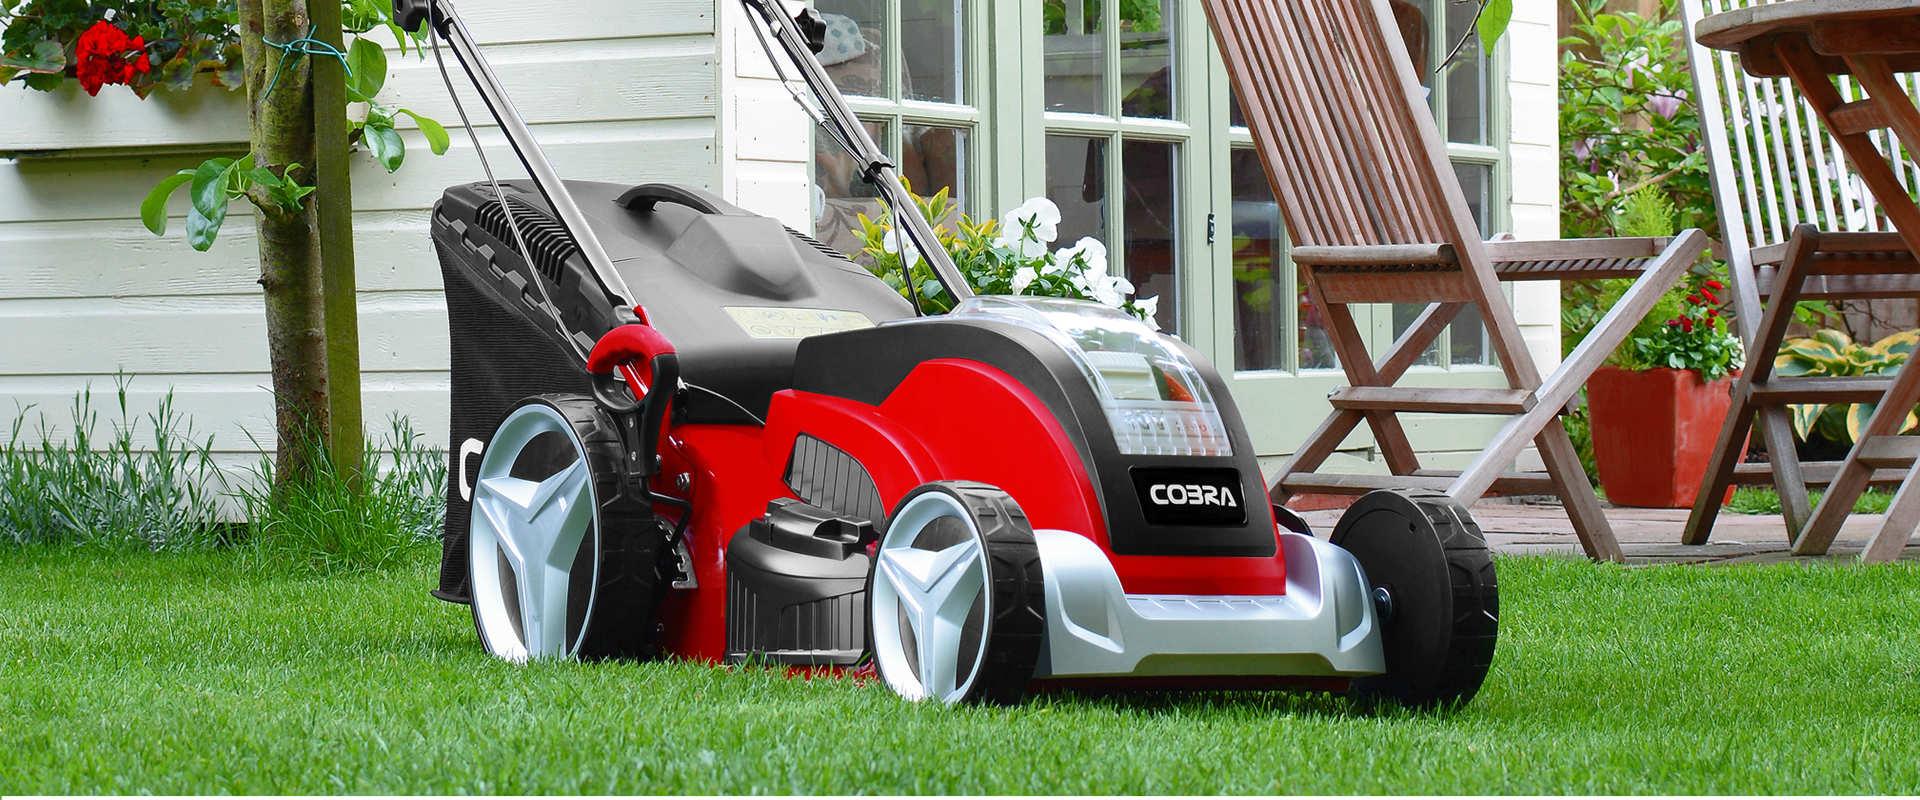 Garden Machinery Repairs & Service